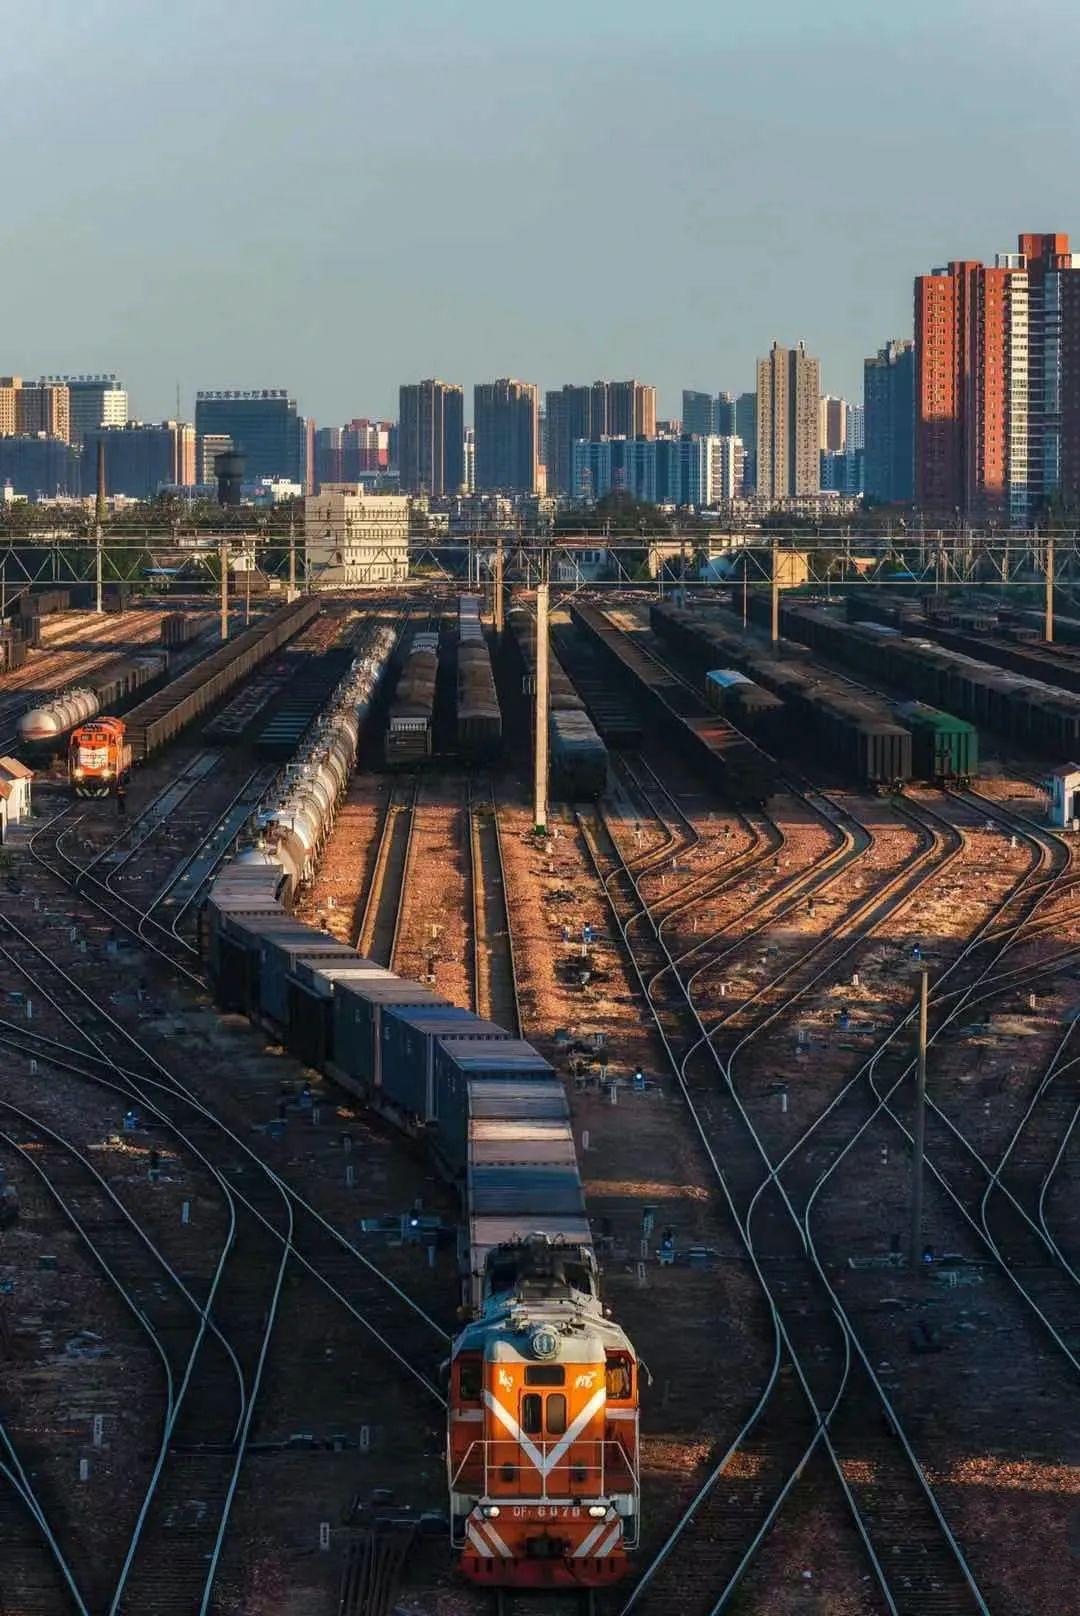 ▲ 郑州北站,交错的轨道勾勒出中国最大的铁路集装箱货运中心。摄影/焦潇翔